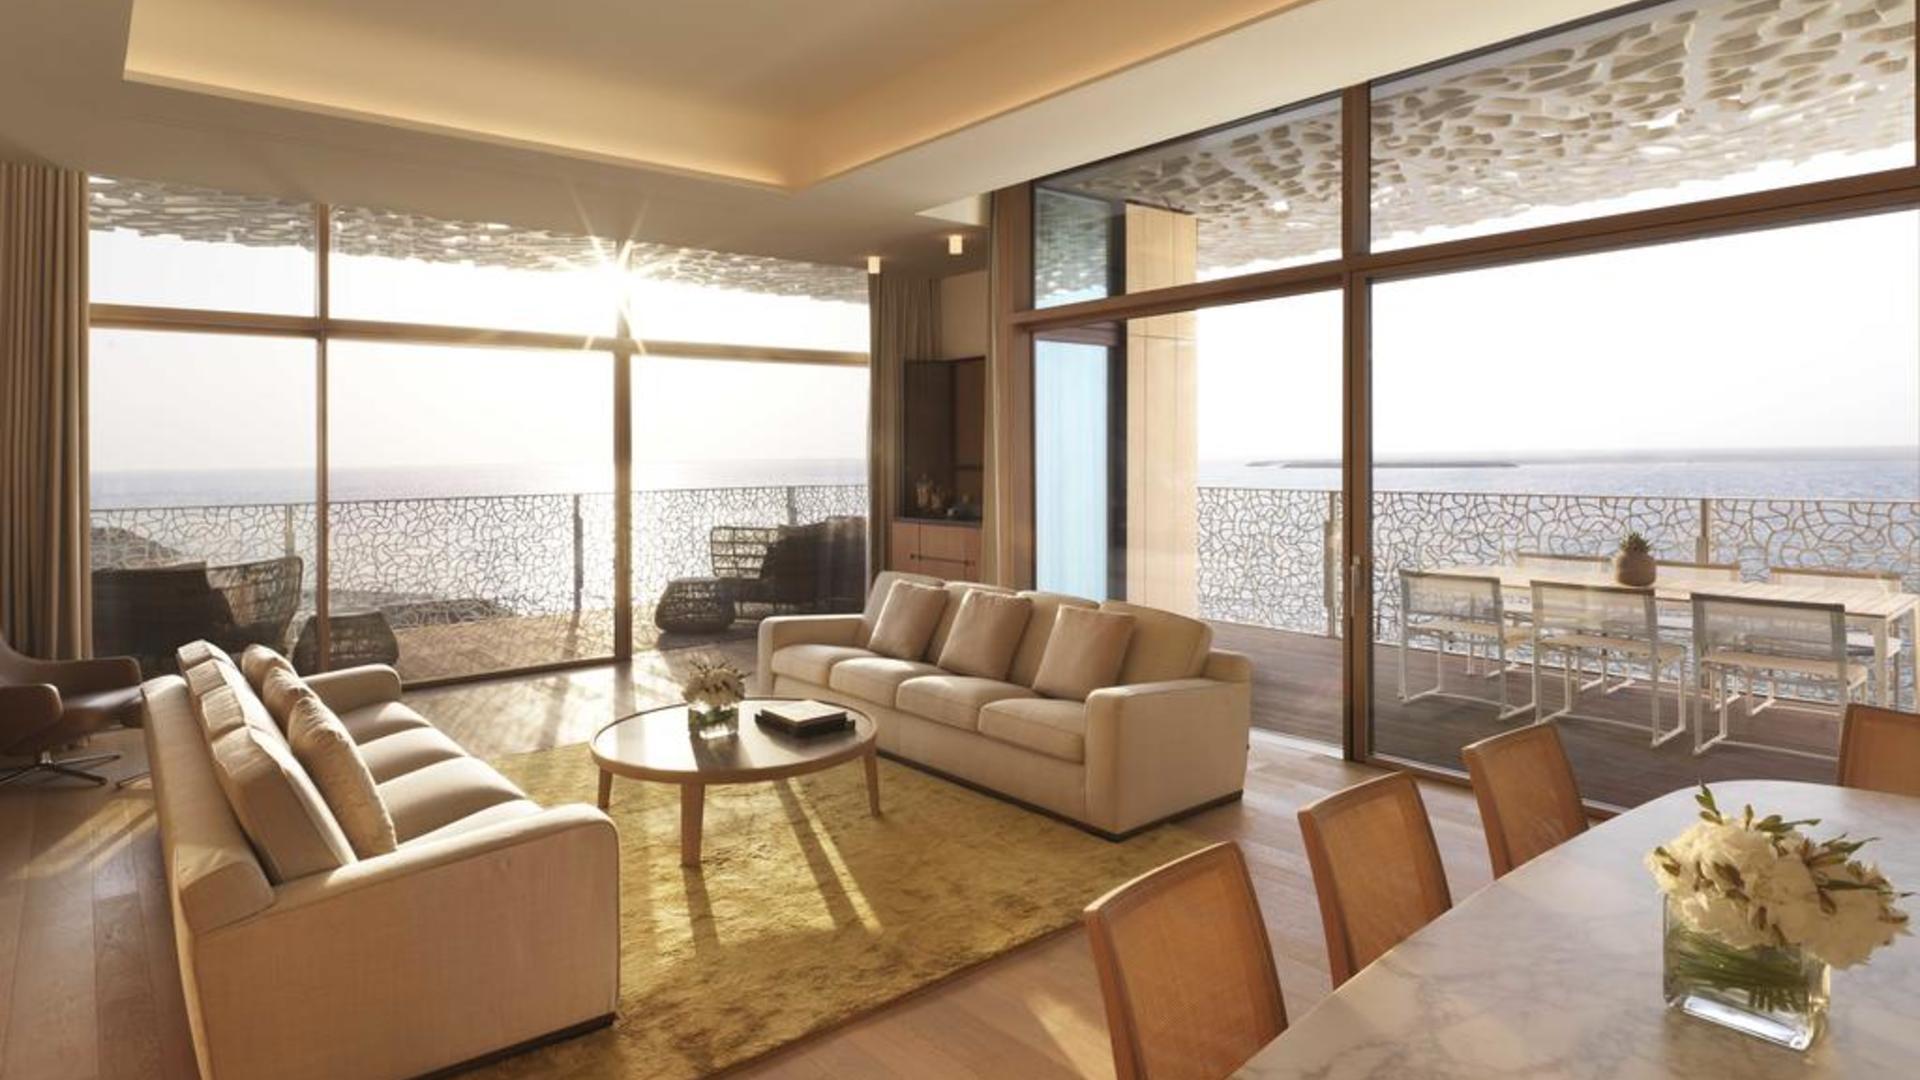 Villa en venta en Dubai, EAU, 4 dormitorios, 657 m2, № 24280 – foto 6